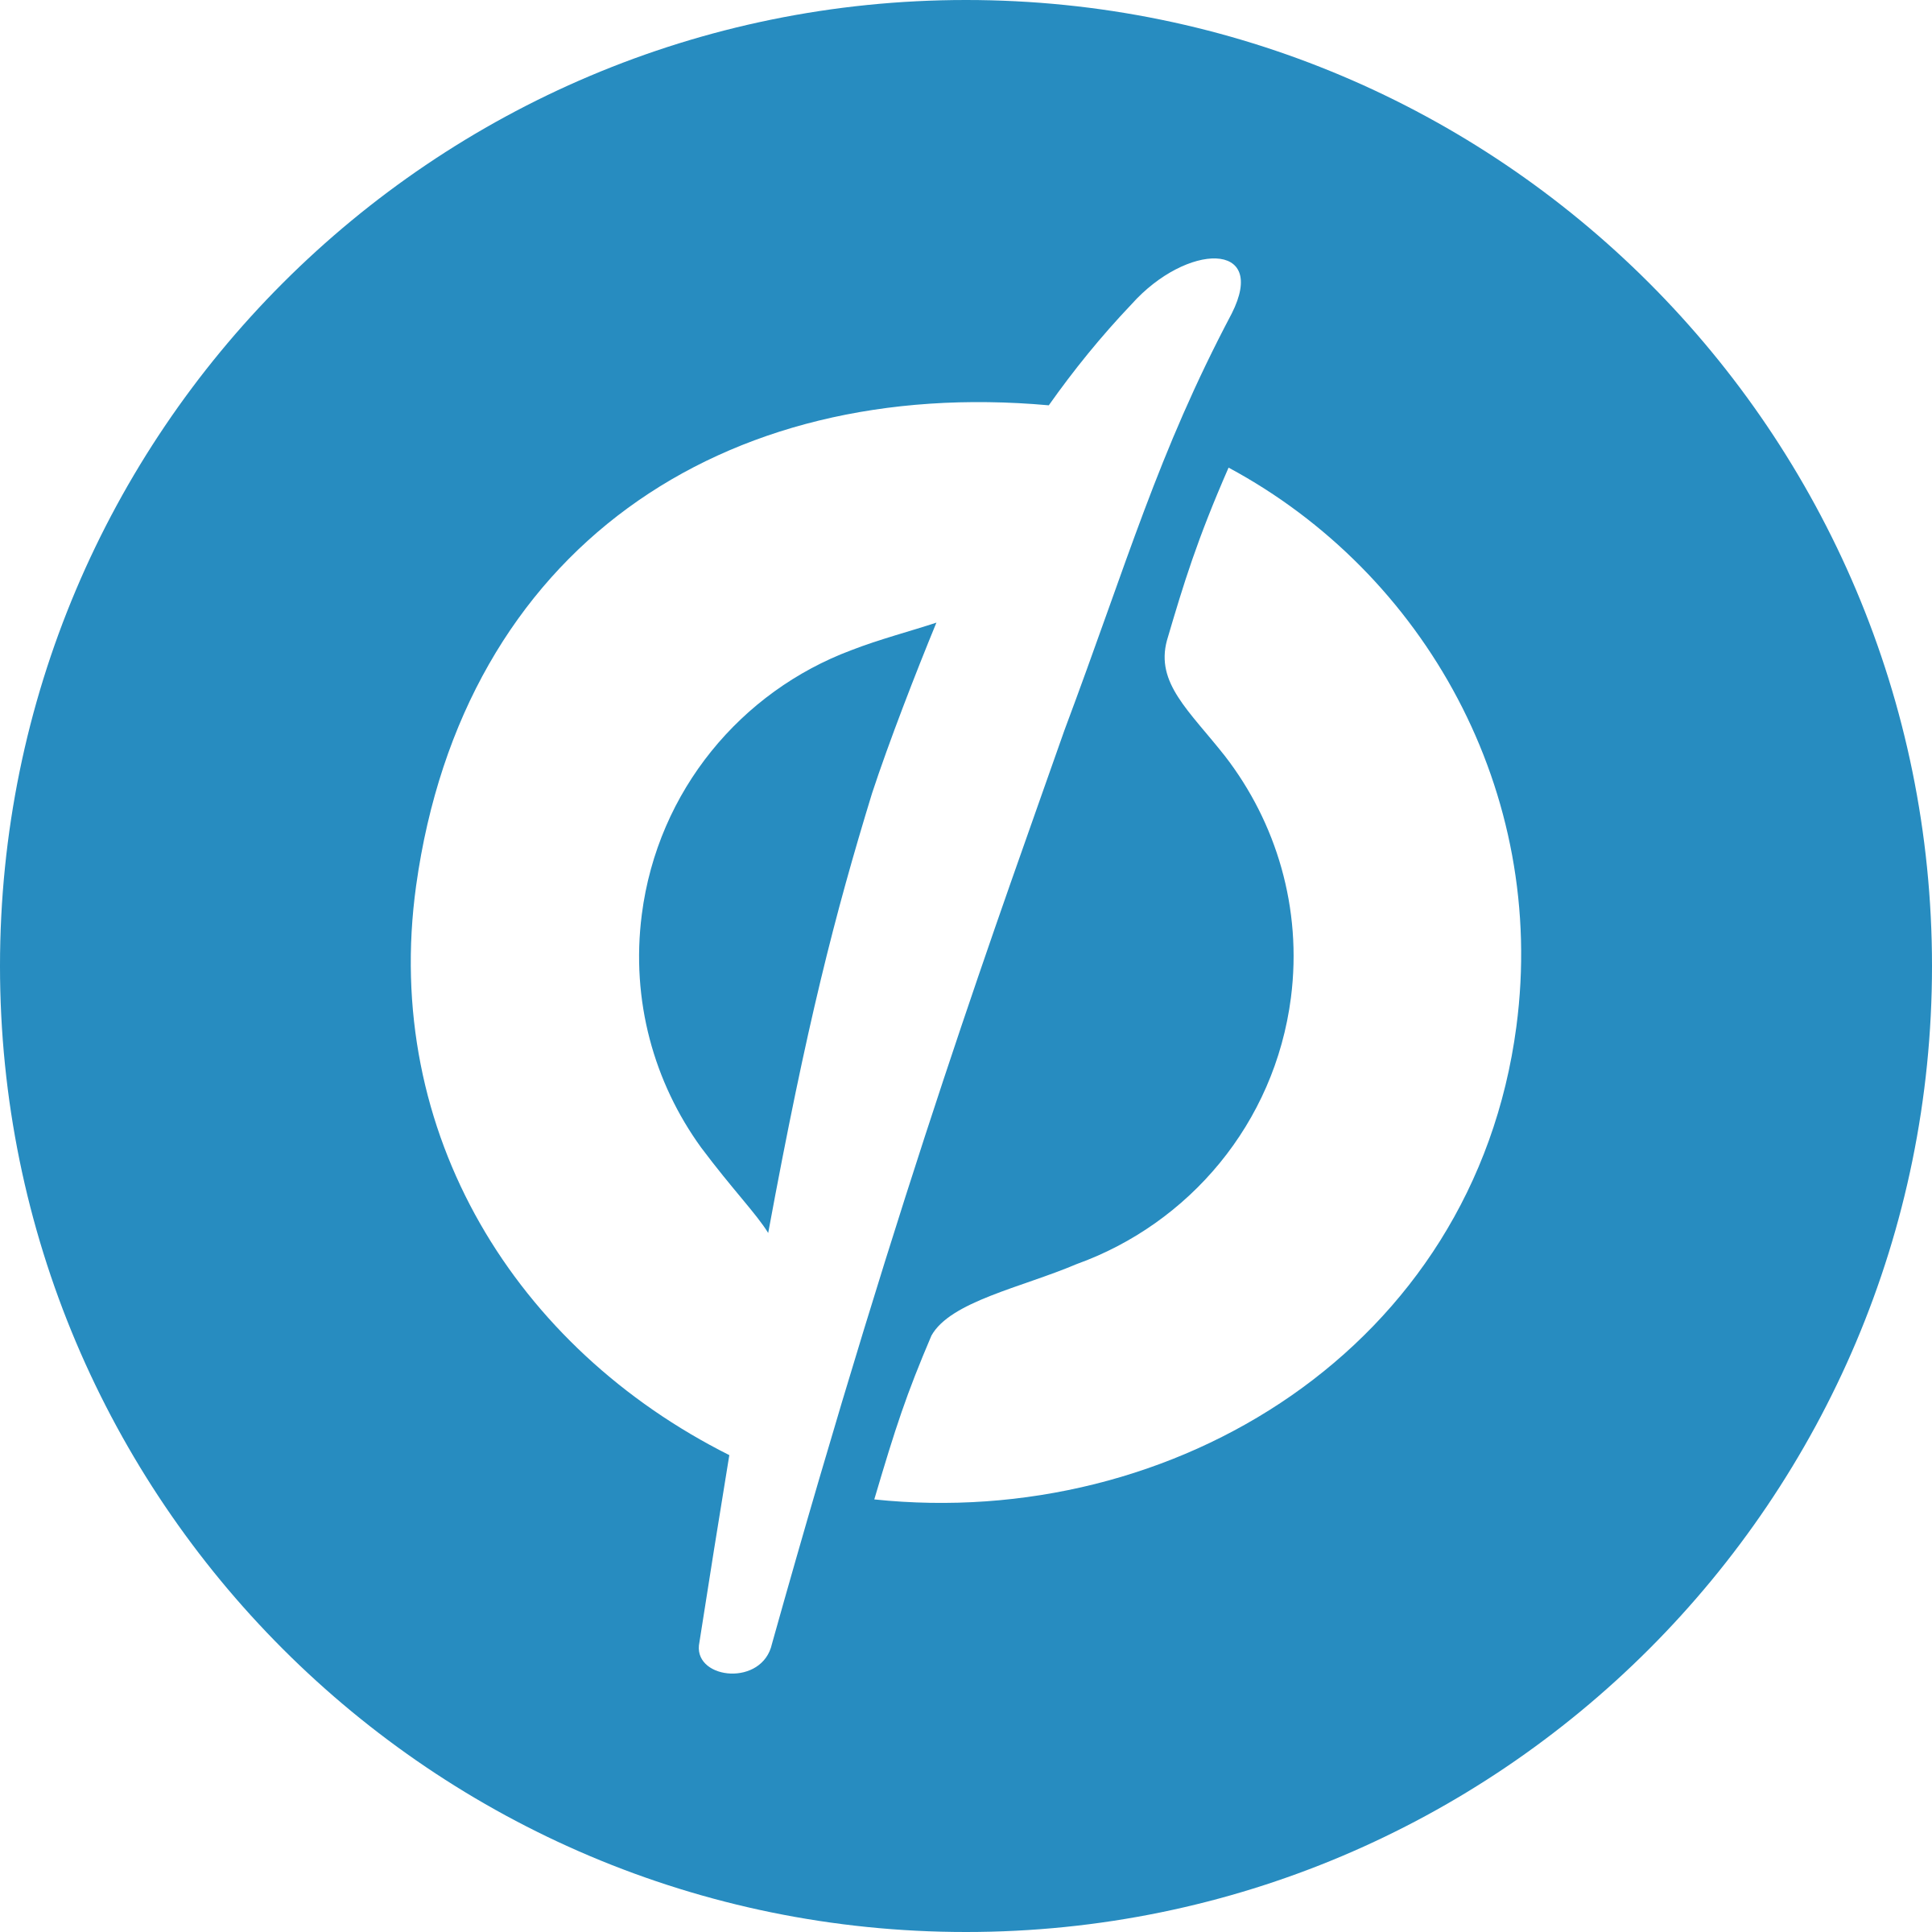 Unbounce logo clipart